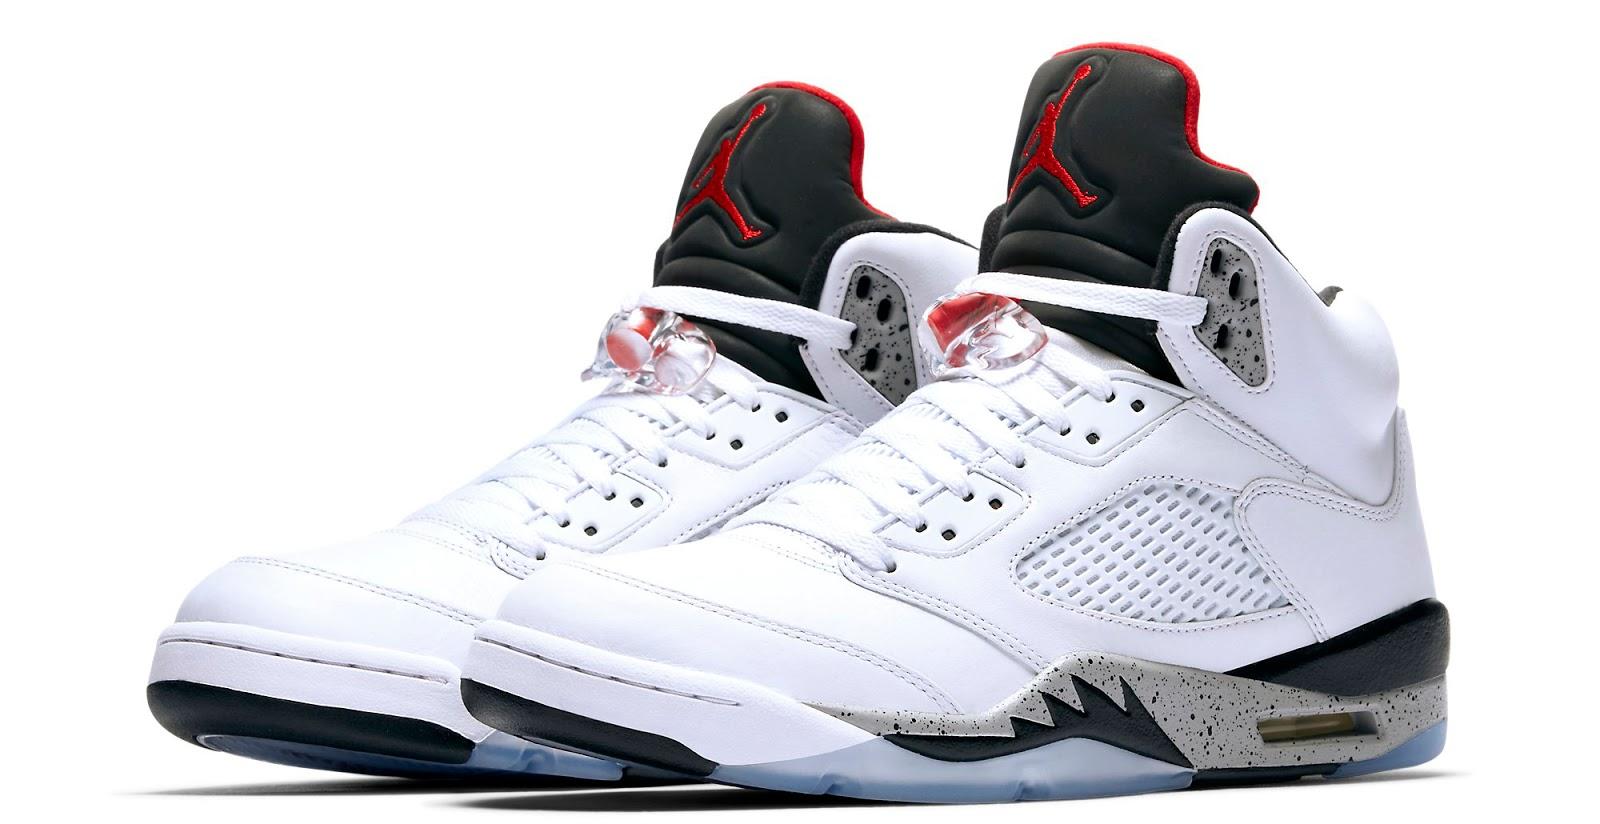 separation shoes f6616 e295e ... this Air Jordan 5 Retro draws inspiration from the original